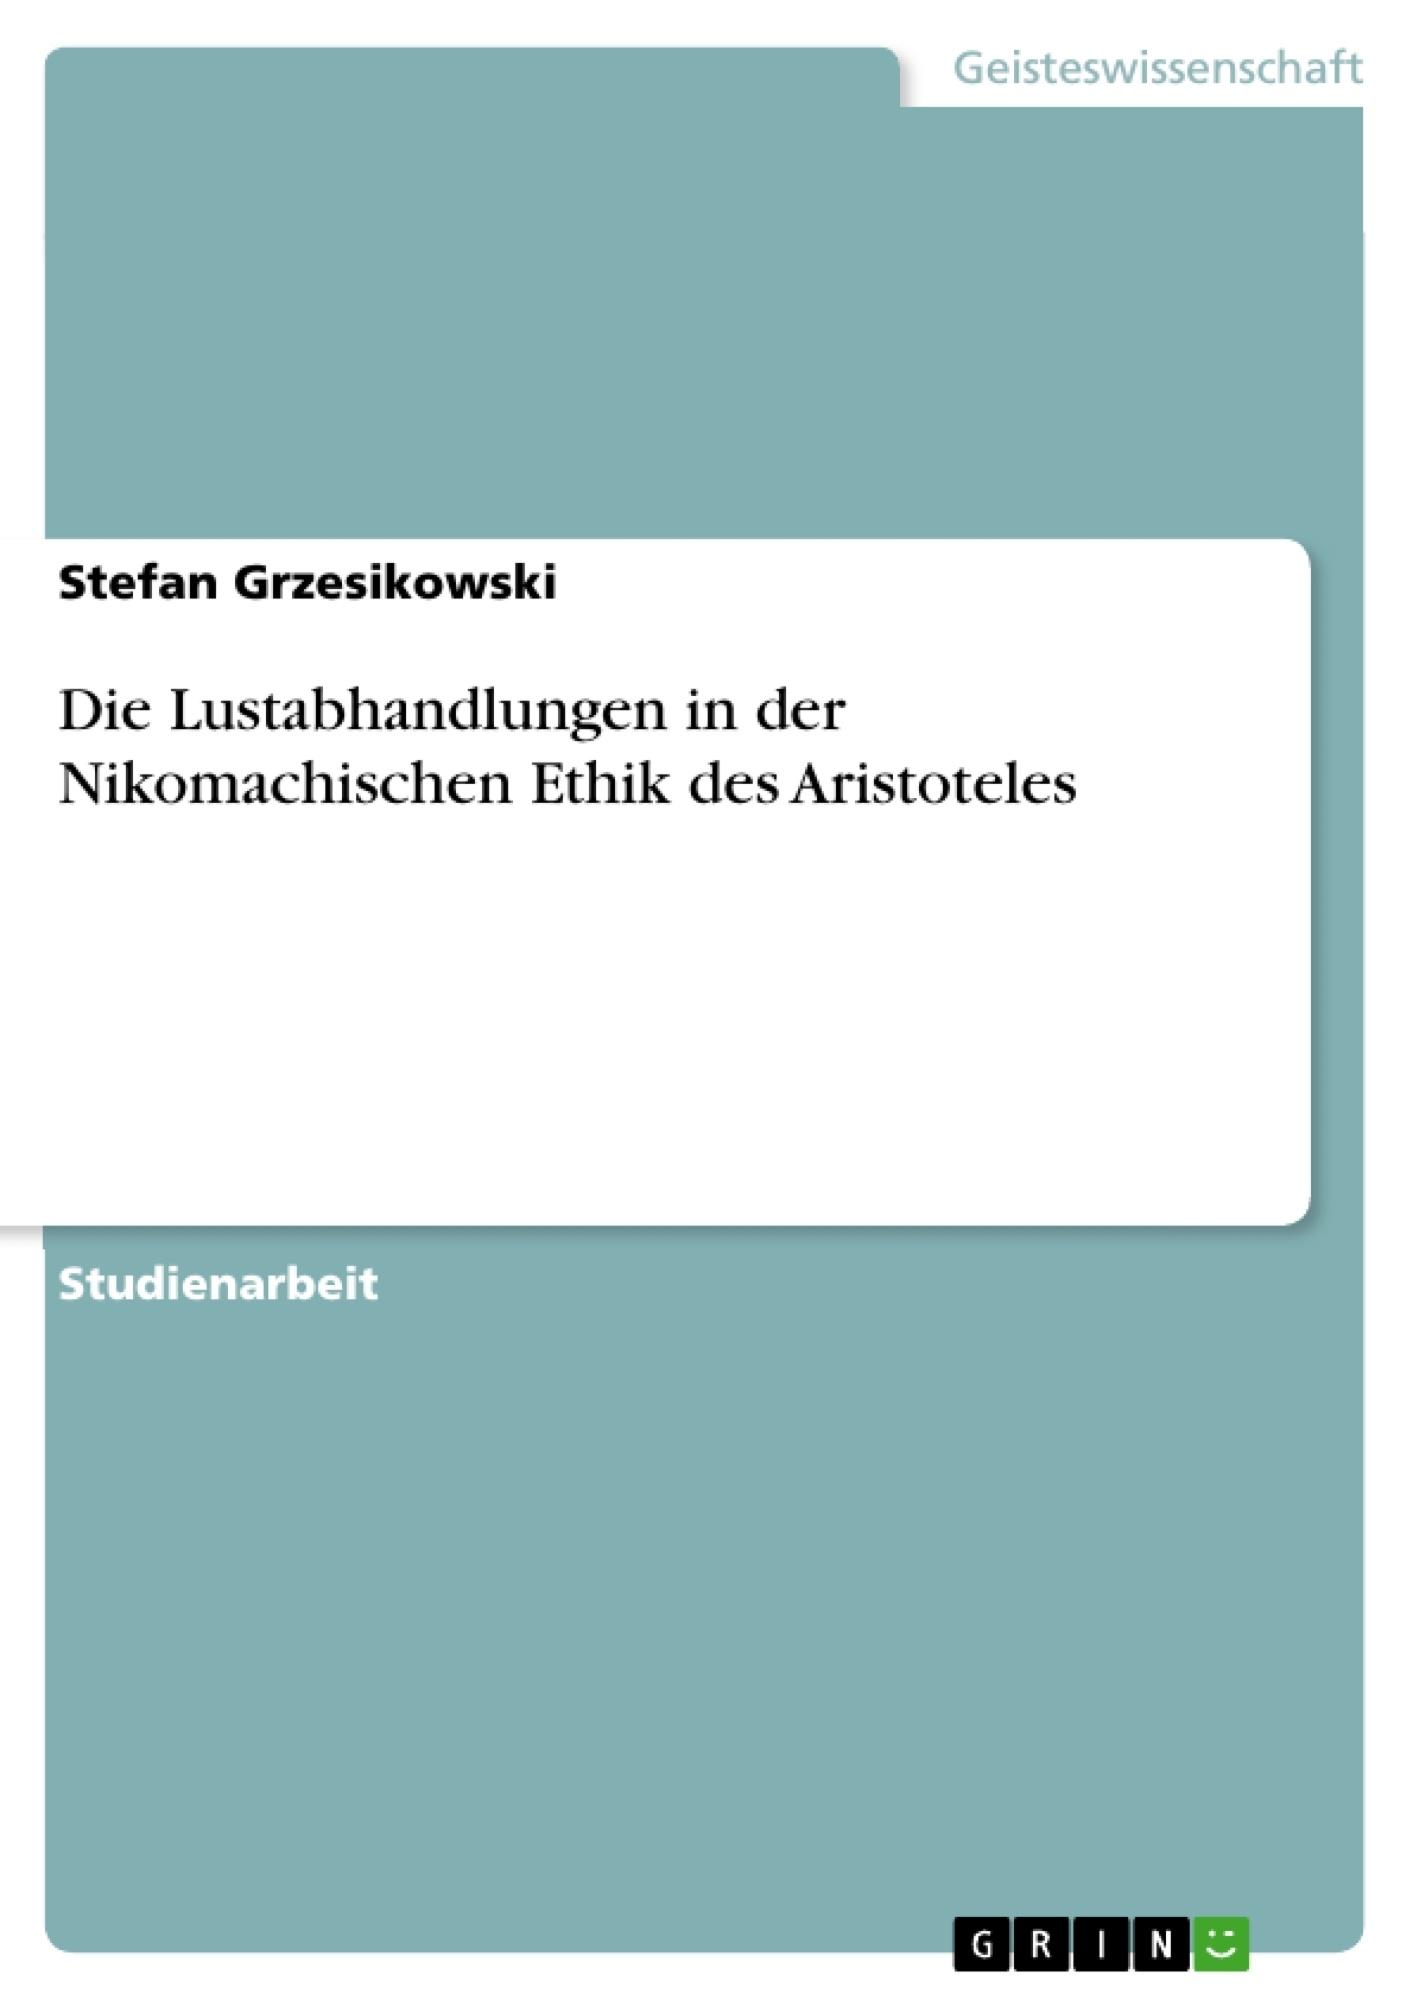 Titel: Die Lustabhandlungen in der Nikomachischen Ethik des Aristoteles